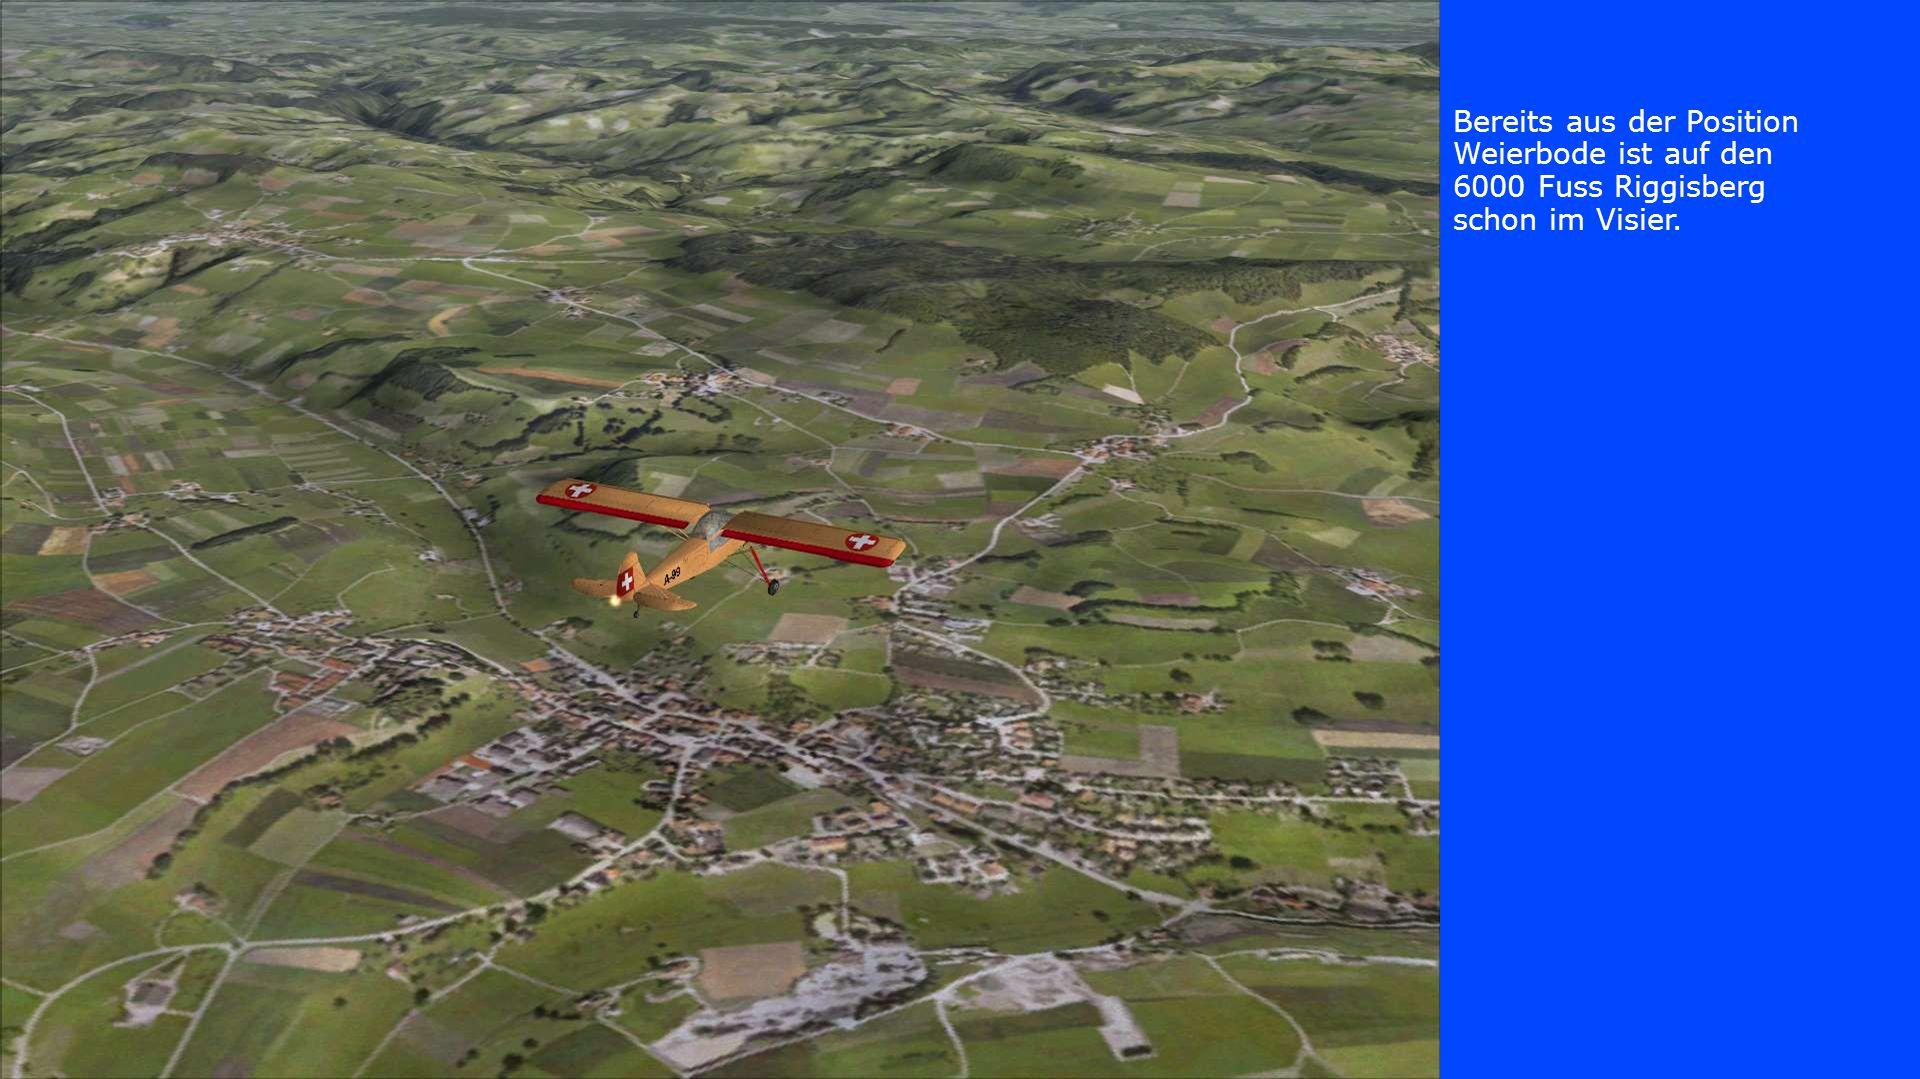 Bereits aus der Position Weierbode ist auf den 6000 Fuss Riggisberg schon im Visier.